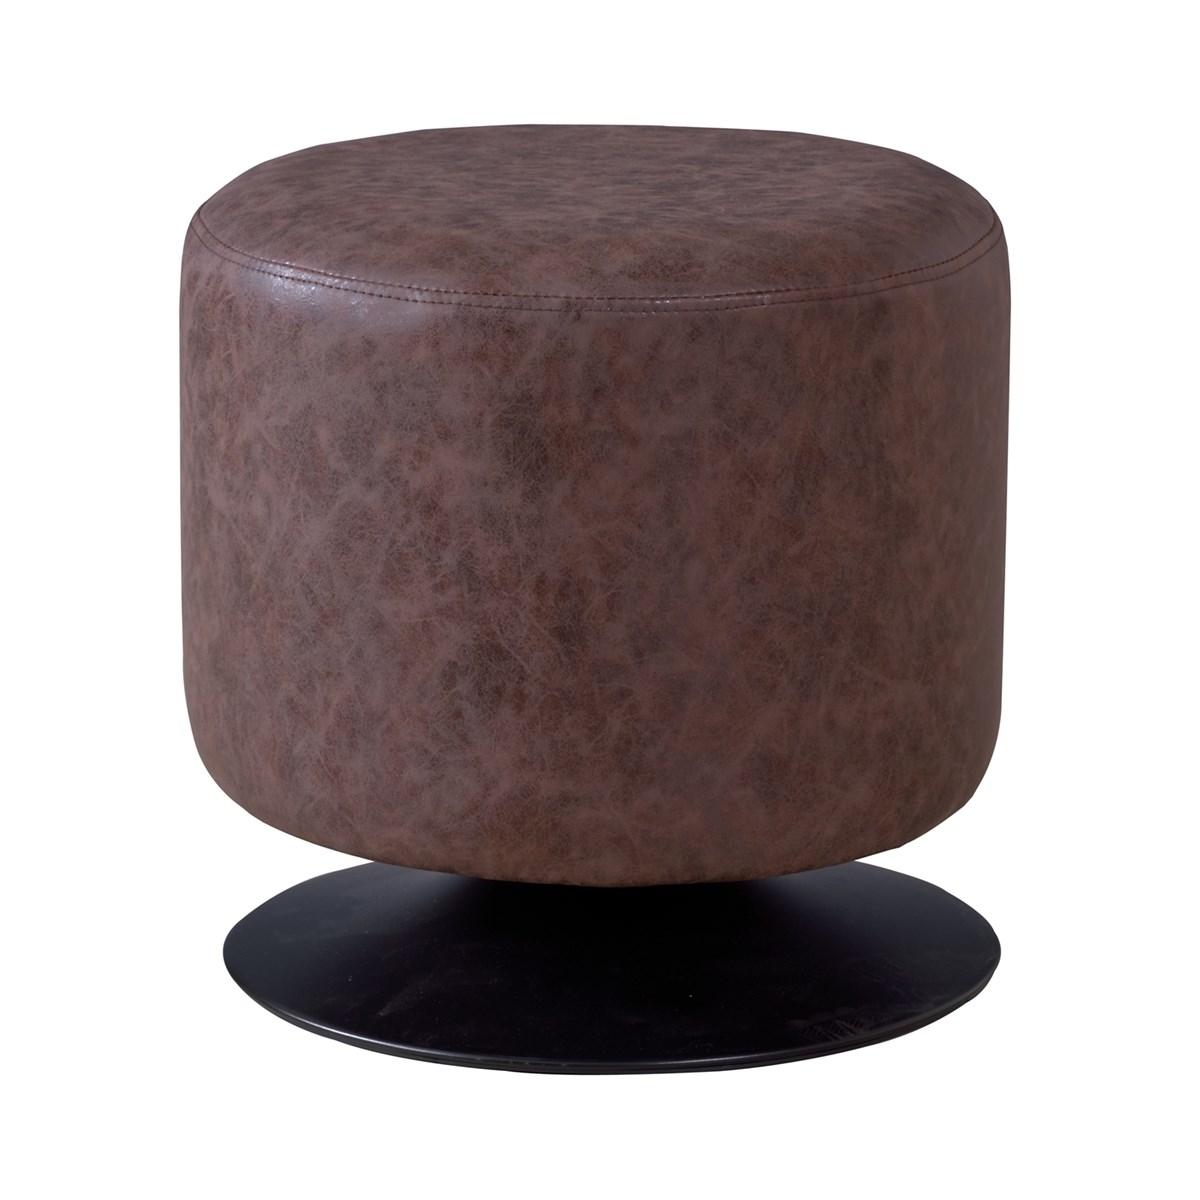 カイテンスツール イス バーチェア 椅子 カウンターチェア (数量1) ブラウン 茶